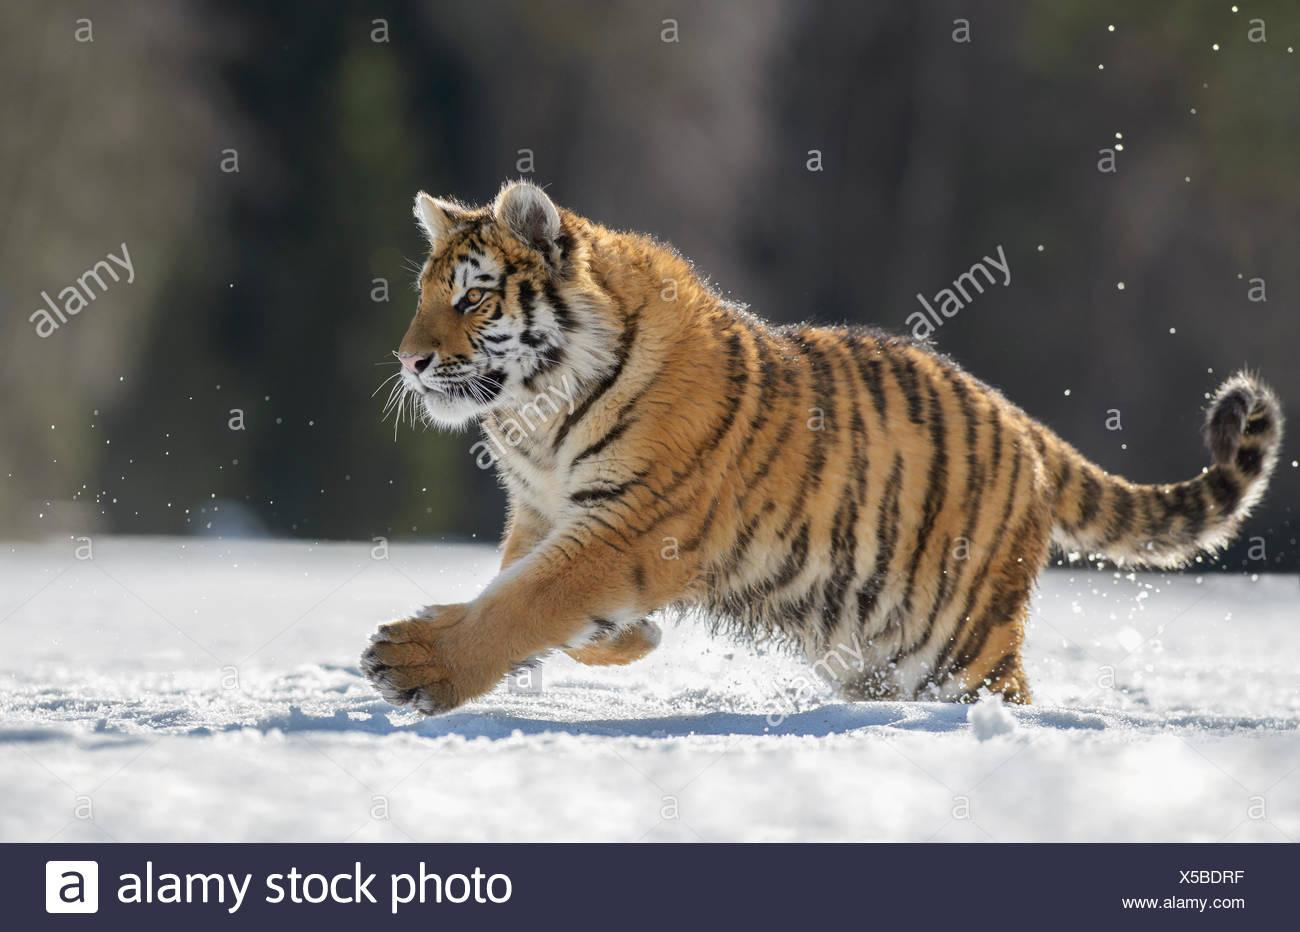 Tigre de Sibérie (Panthera tigris altaica) exécution des mineurs dans la neige, captive, Moravie, République Tchèque Photo Stock